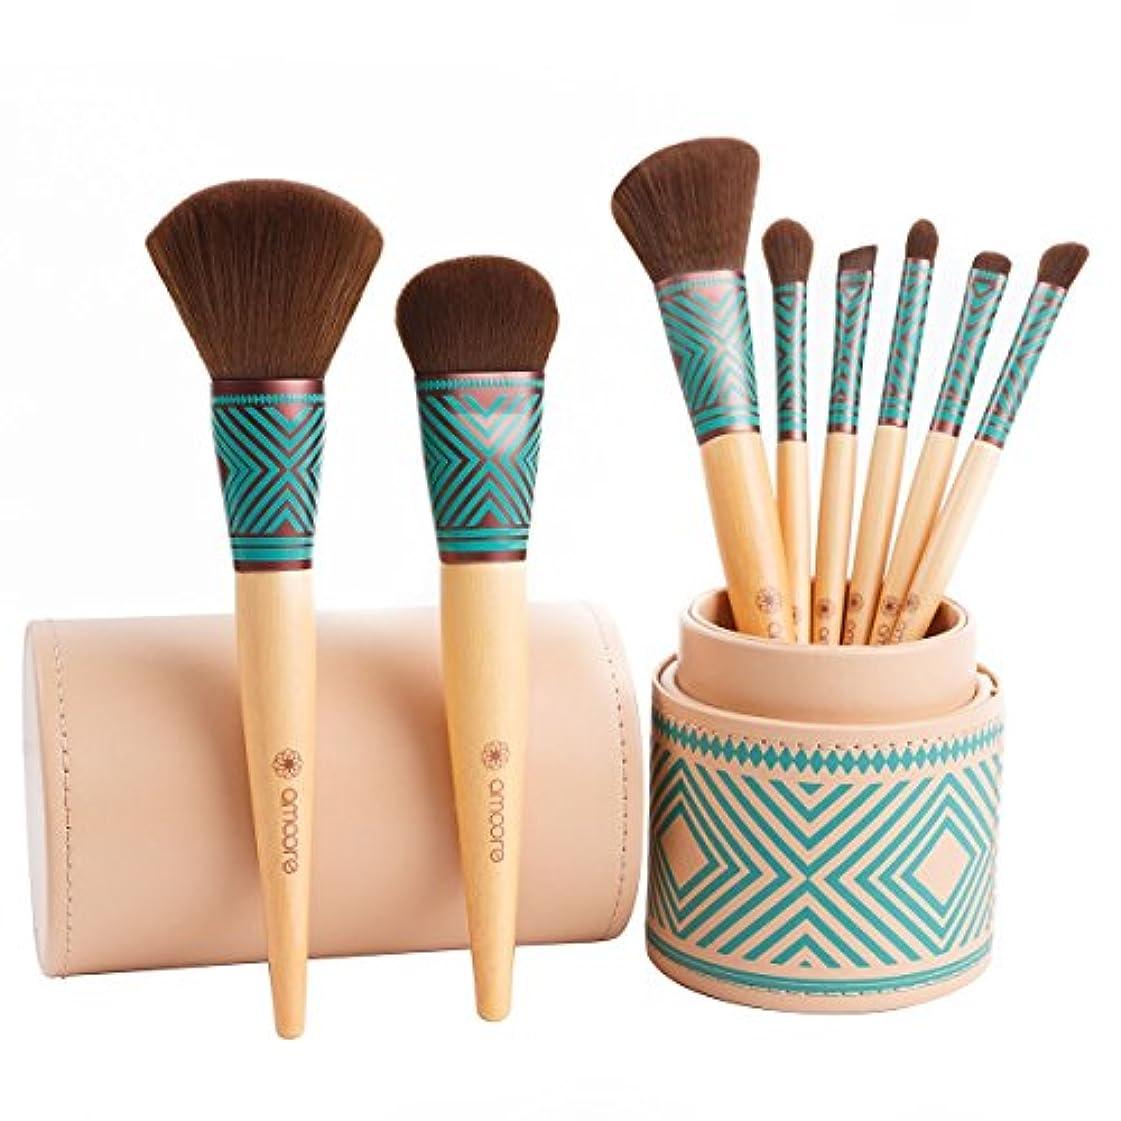 違うアジテーションタワーamoore 8本 化粧筆 メイクブラシセット 化粧ブラシ セット コスメ ブラシ 収納ケース付き